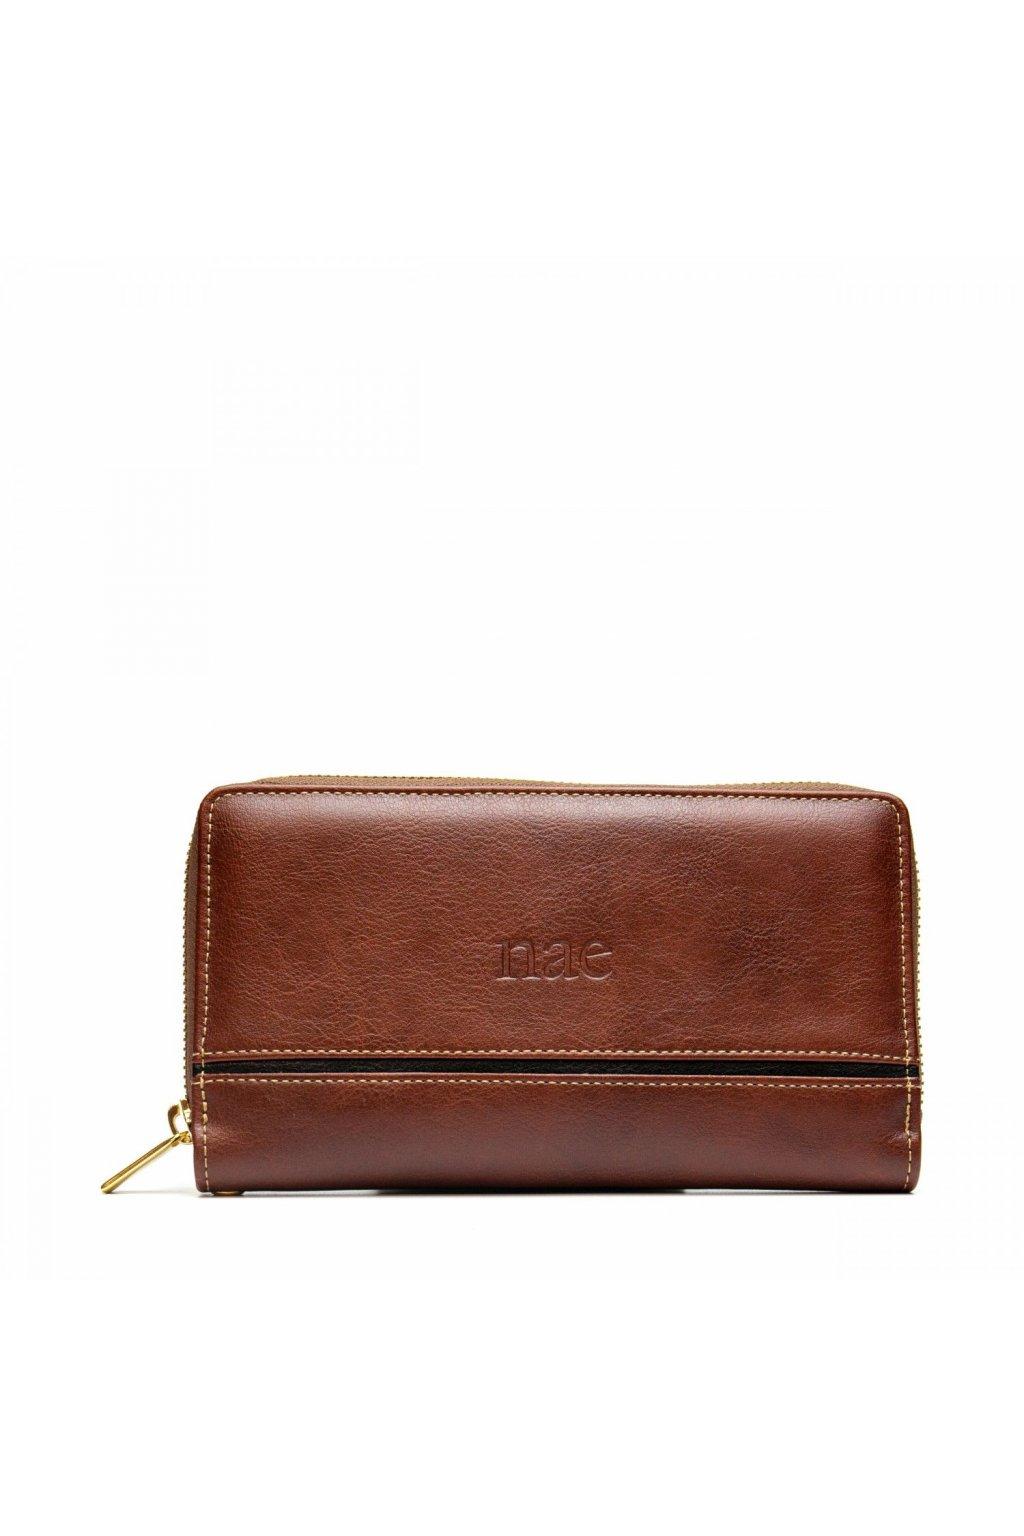 """Dámska hnedá peňaženka """"Mia"""""""